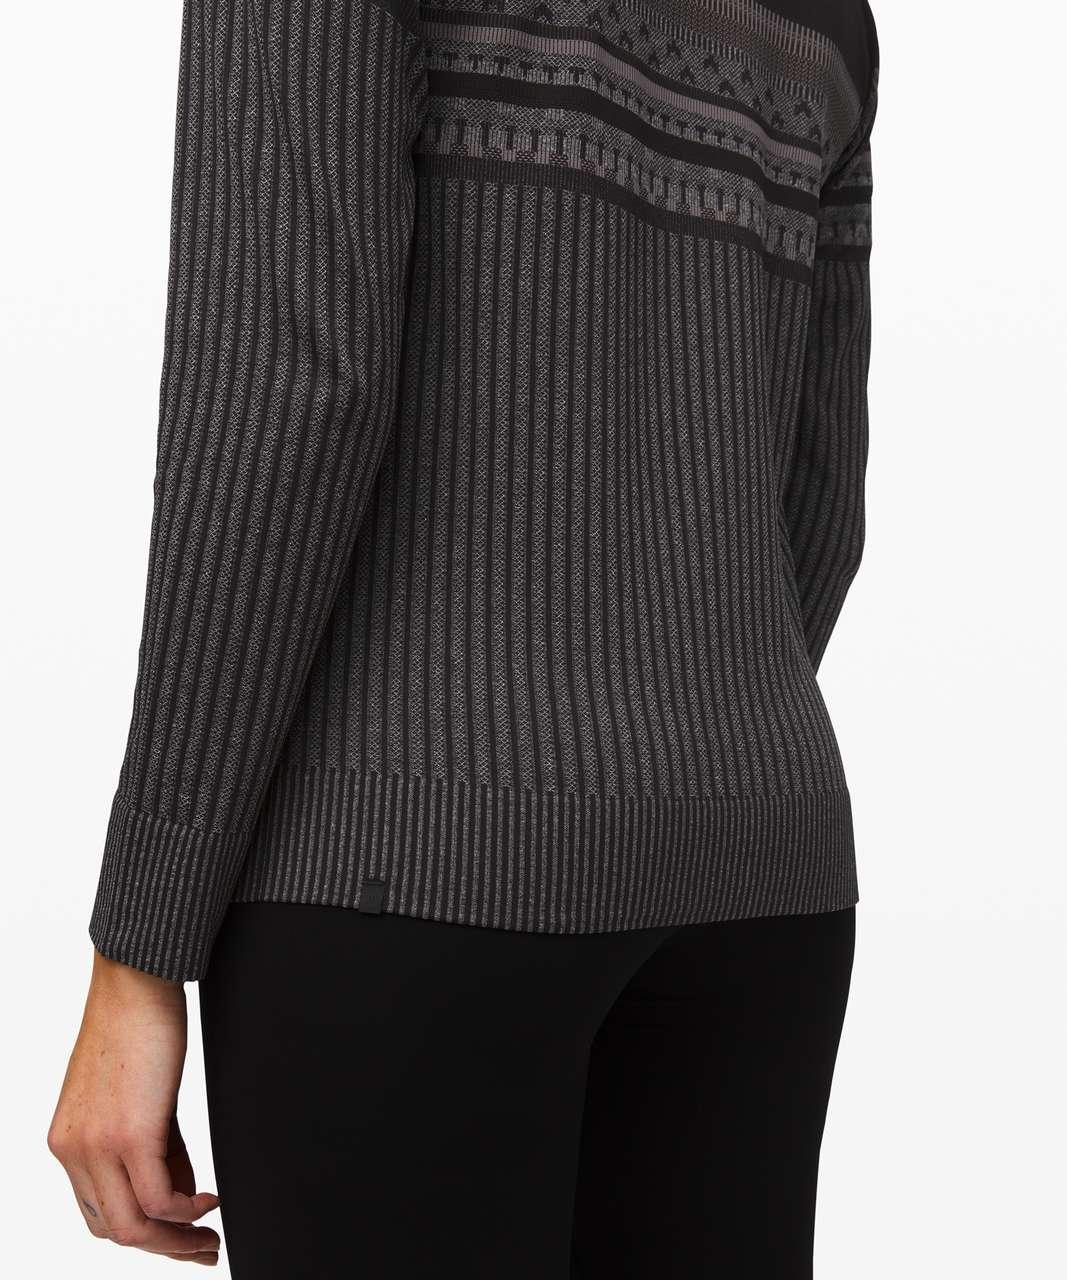 Lululemon Rest Less Pullover *Relaxed - Black / White / Titanium / Black